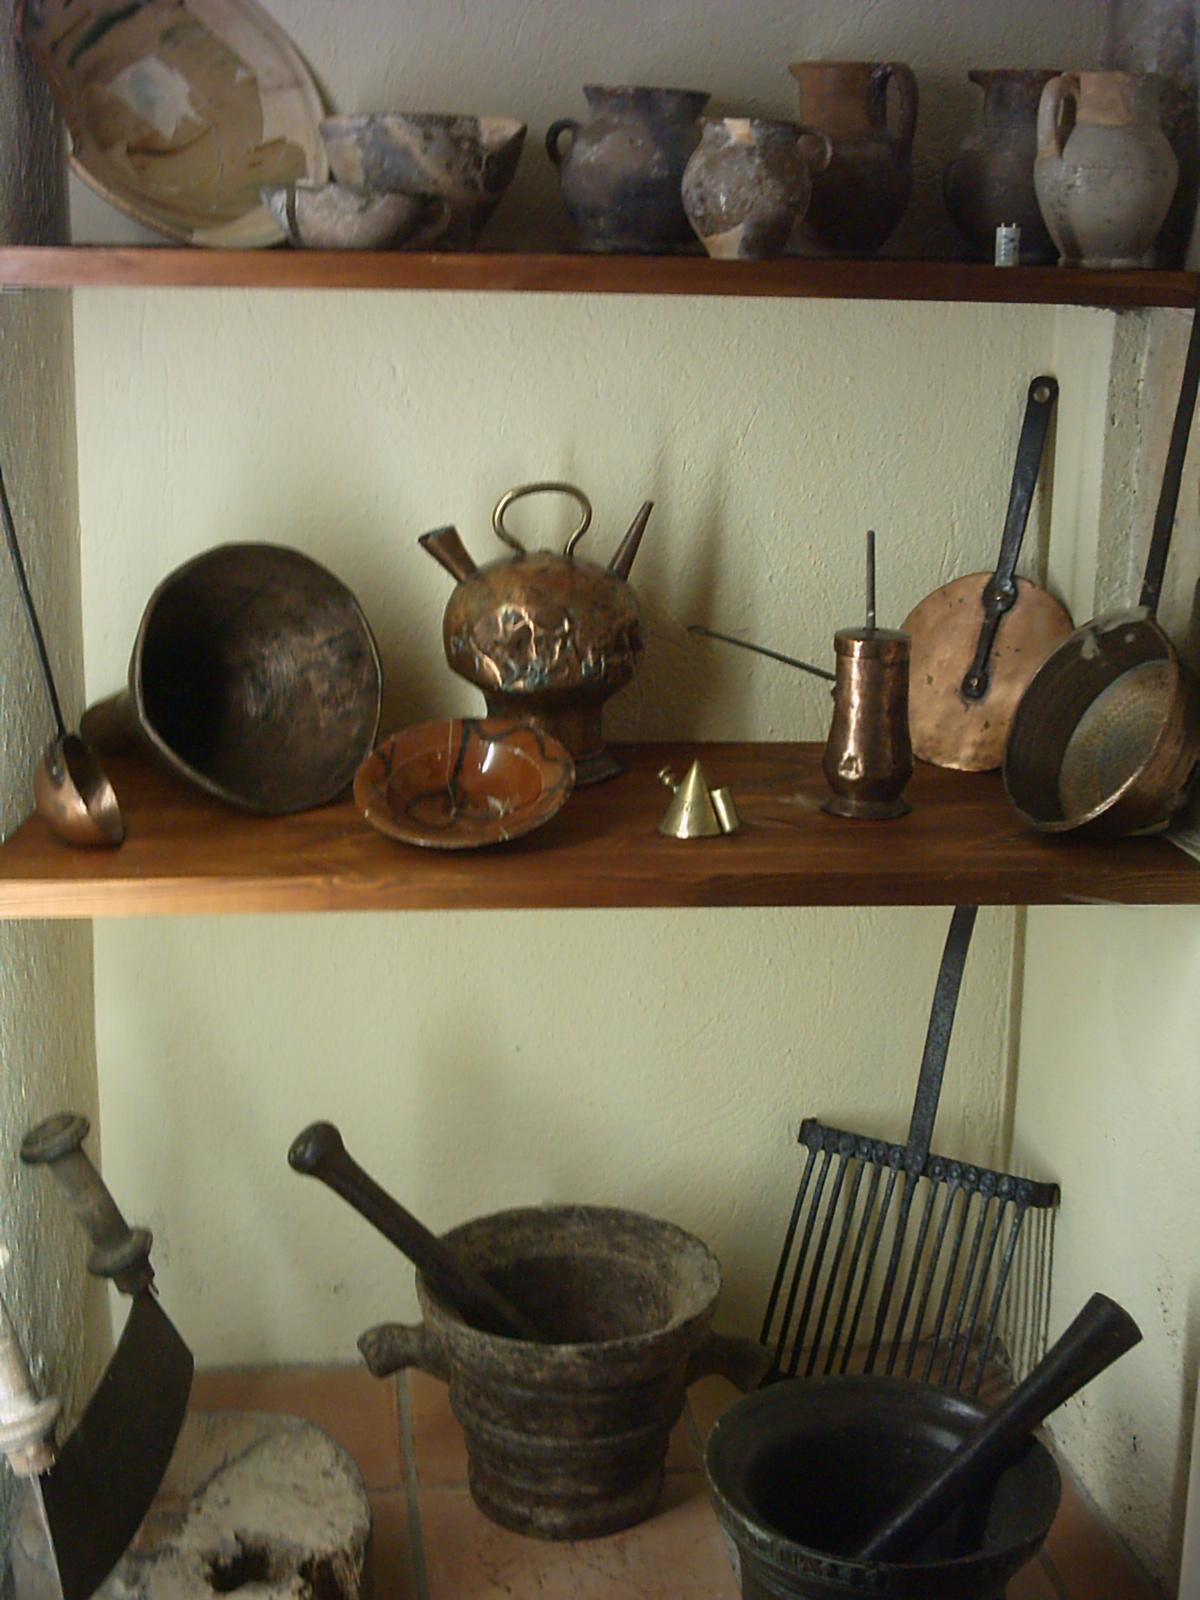 Museo exposiciones arte y ensayos utensilios de cocina for Utensilios decoracion cocina